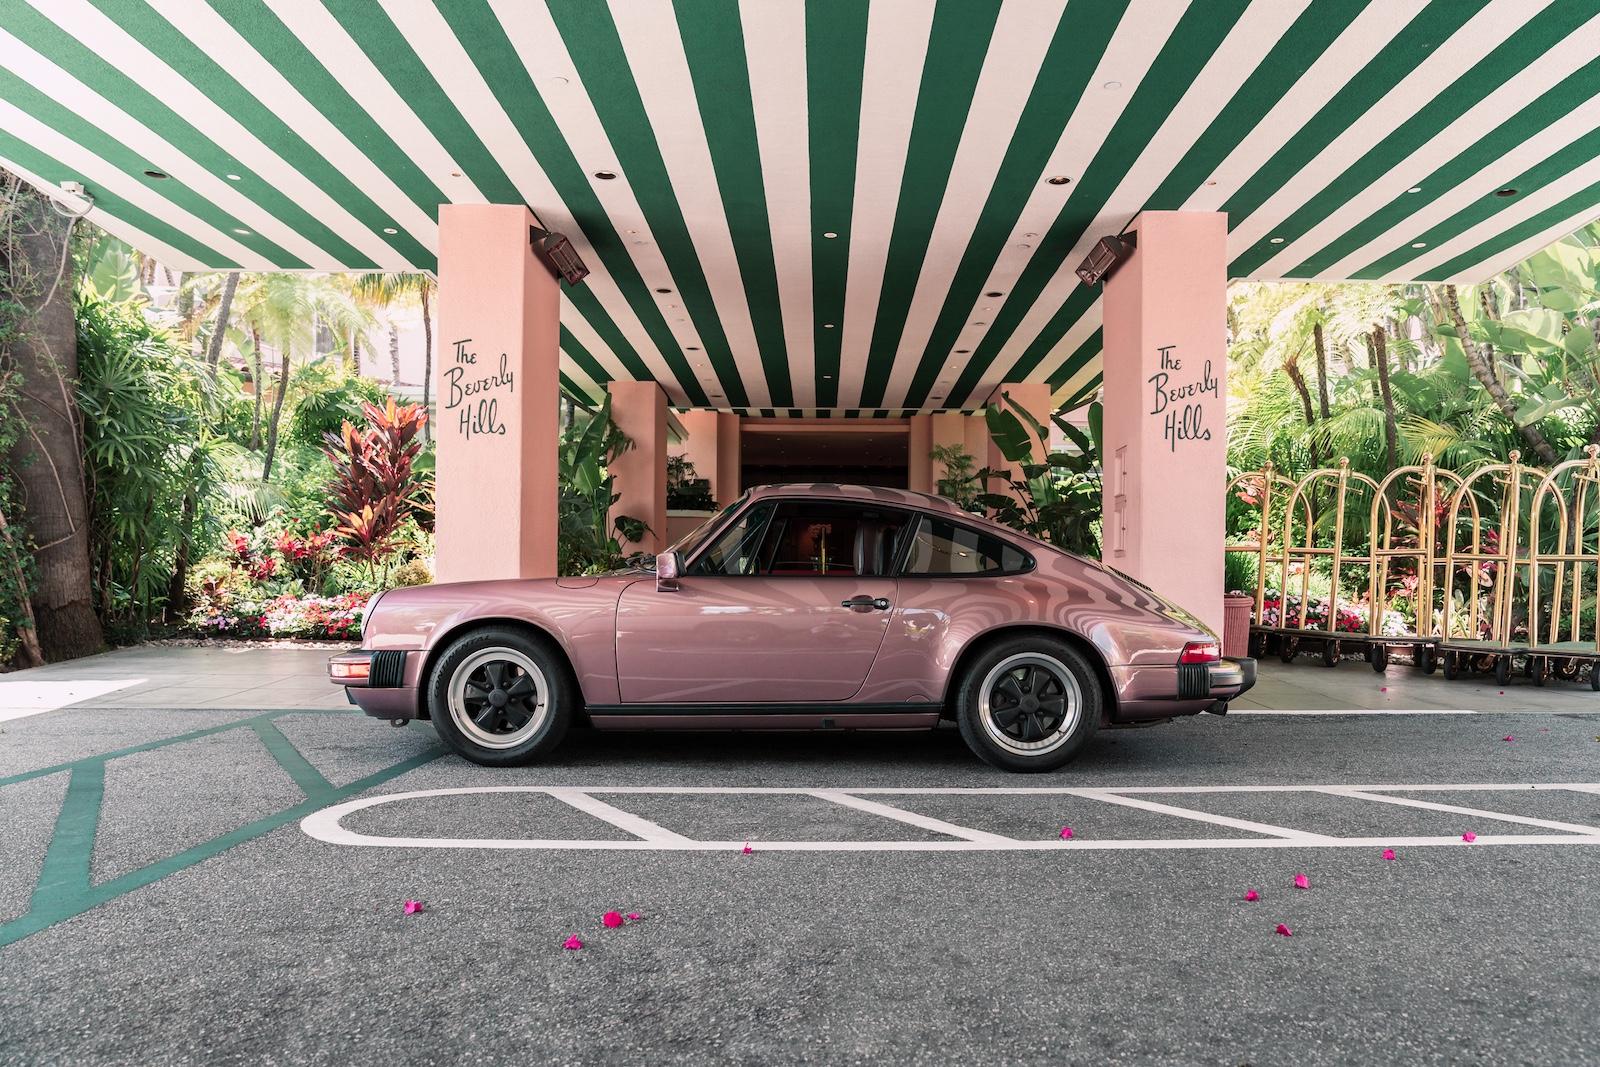 Porsche 911 Beverly Hills Hotel